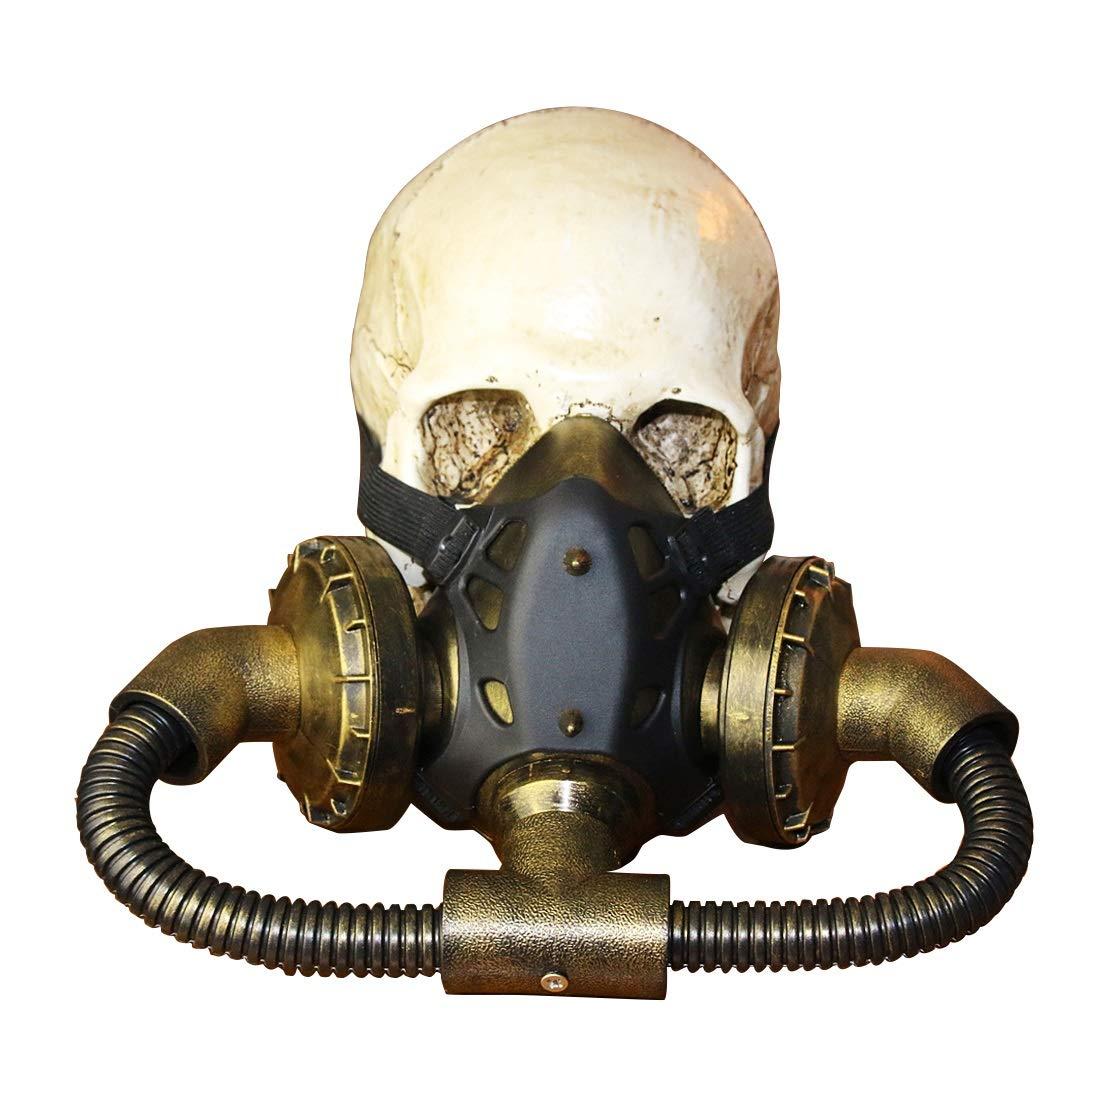 Yammucha Biohazard Steampunk Gasmaske Goggles Spikes Skeleton Krieger Death Mask Masquerade Cosplay Halloween Kostüm Requisiten (Farbe : Bronze)